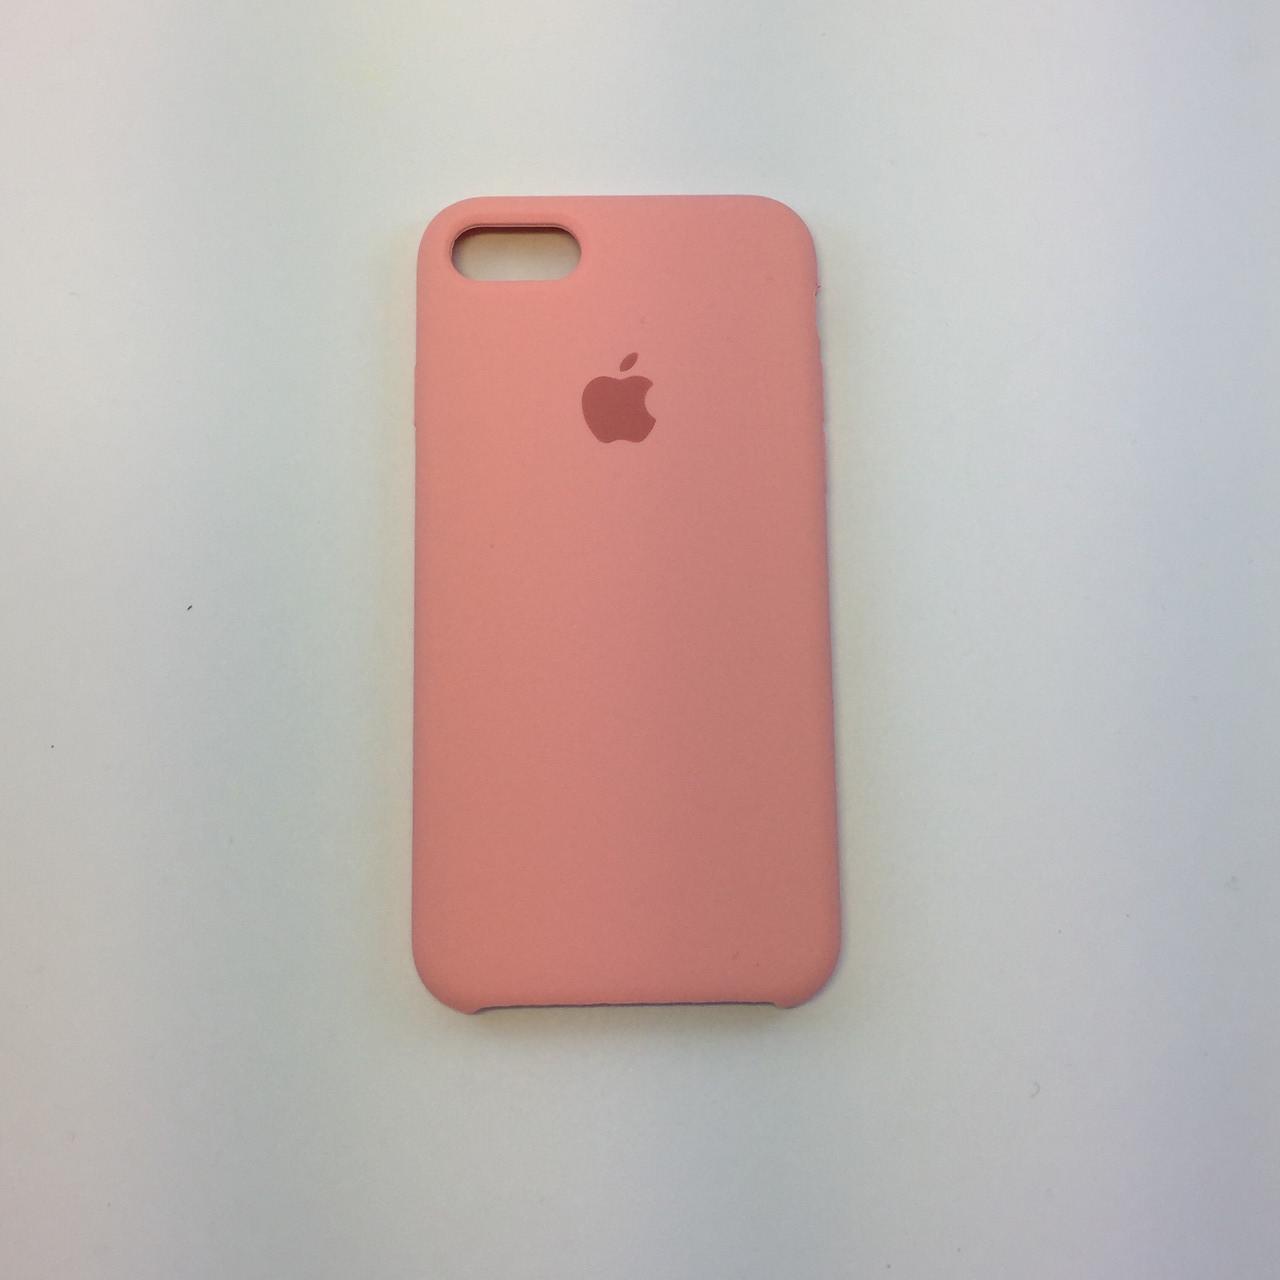 Силиконовый чехол для iPhone 7 Plus, - «нежно-розовый» - copy original